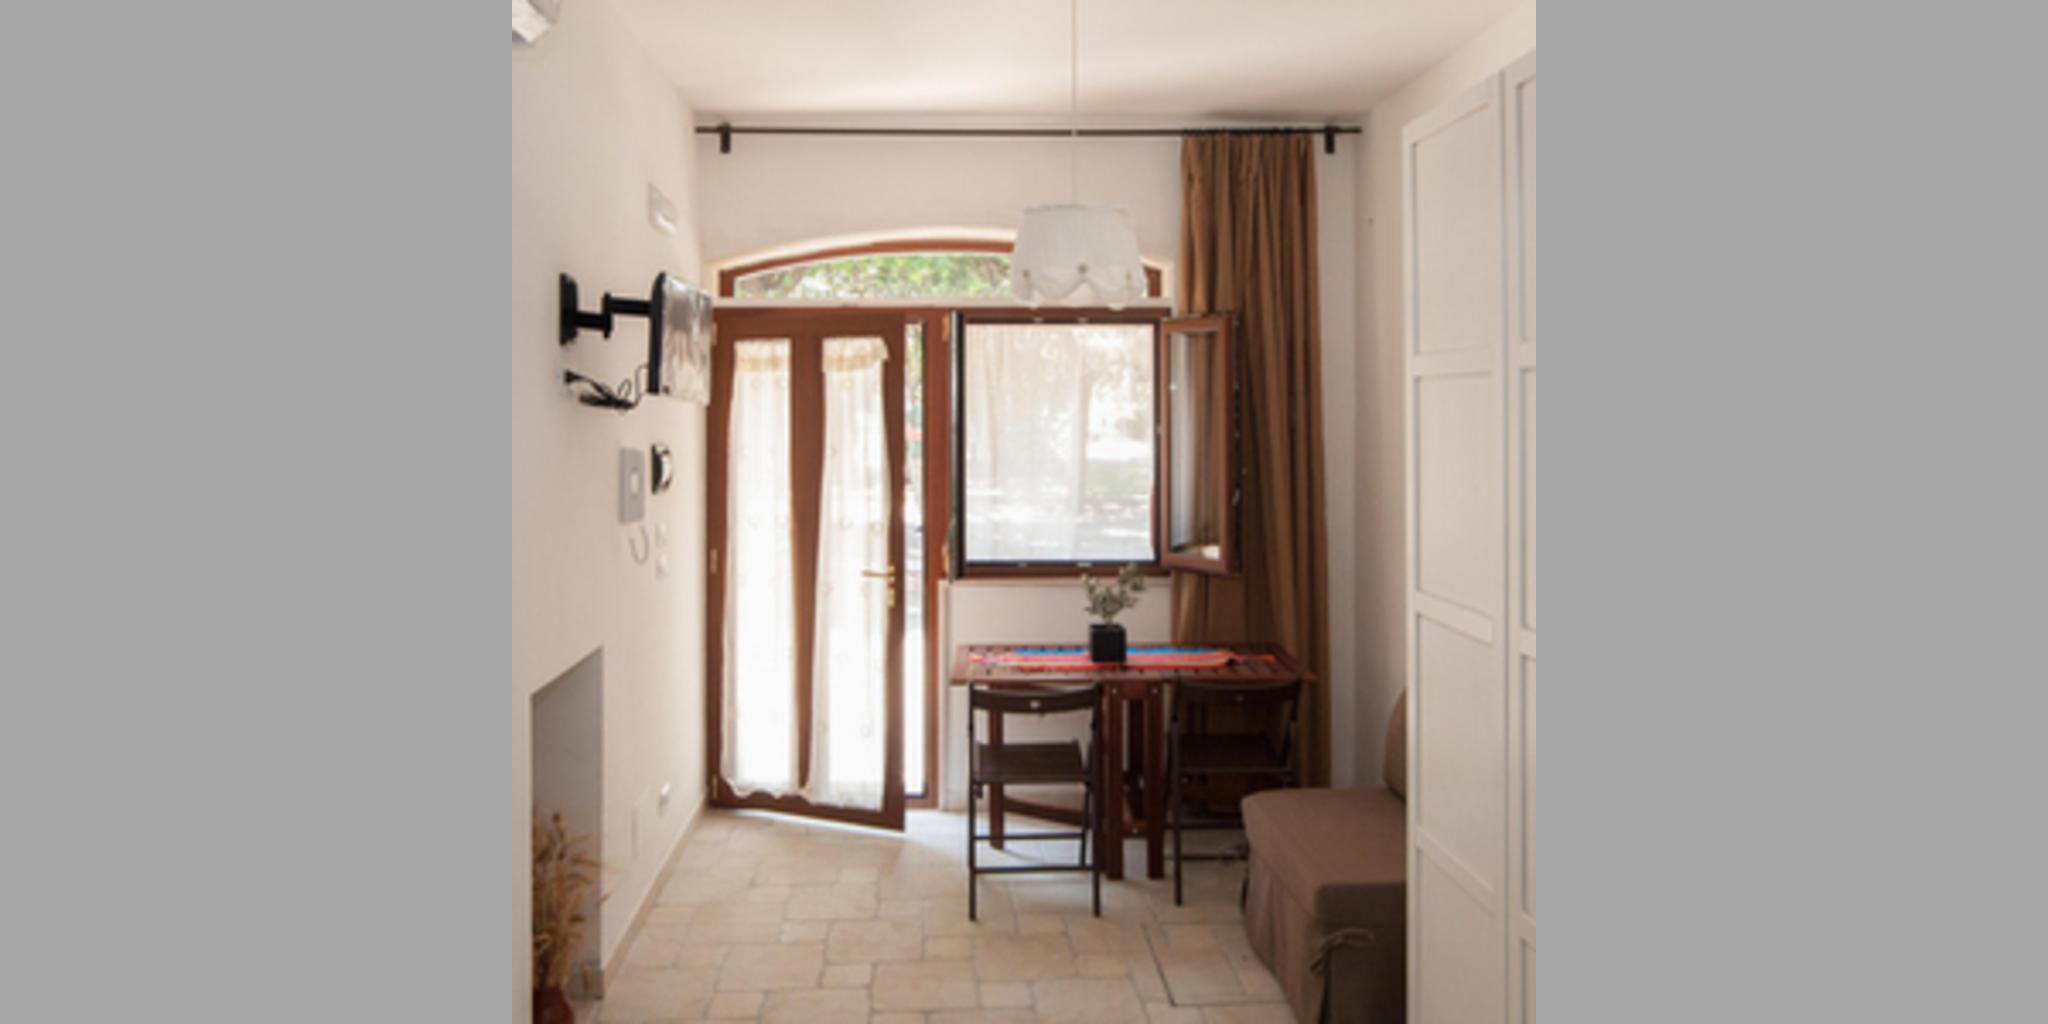 Bed & Breakfast Mola Di Bari - A Mola Vicino Villa Comunale